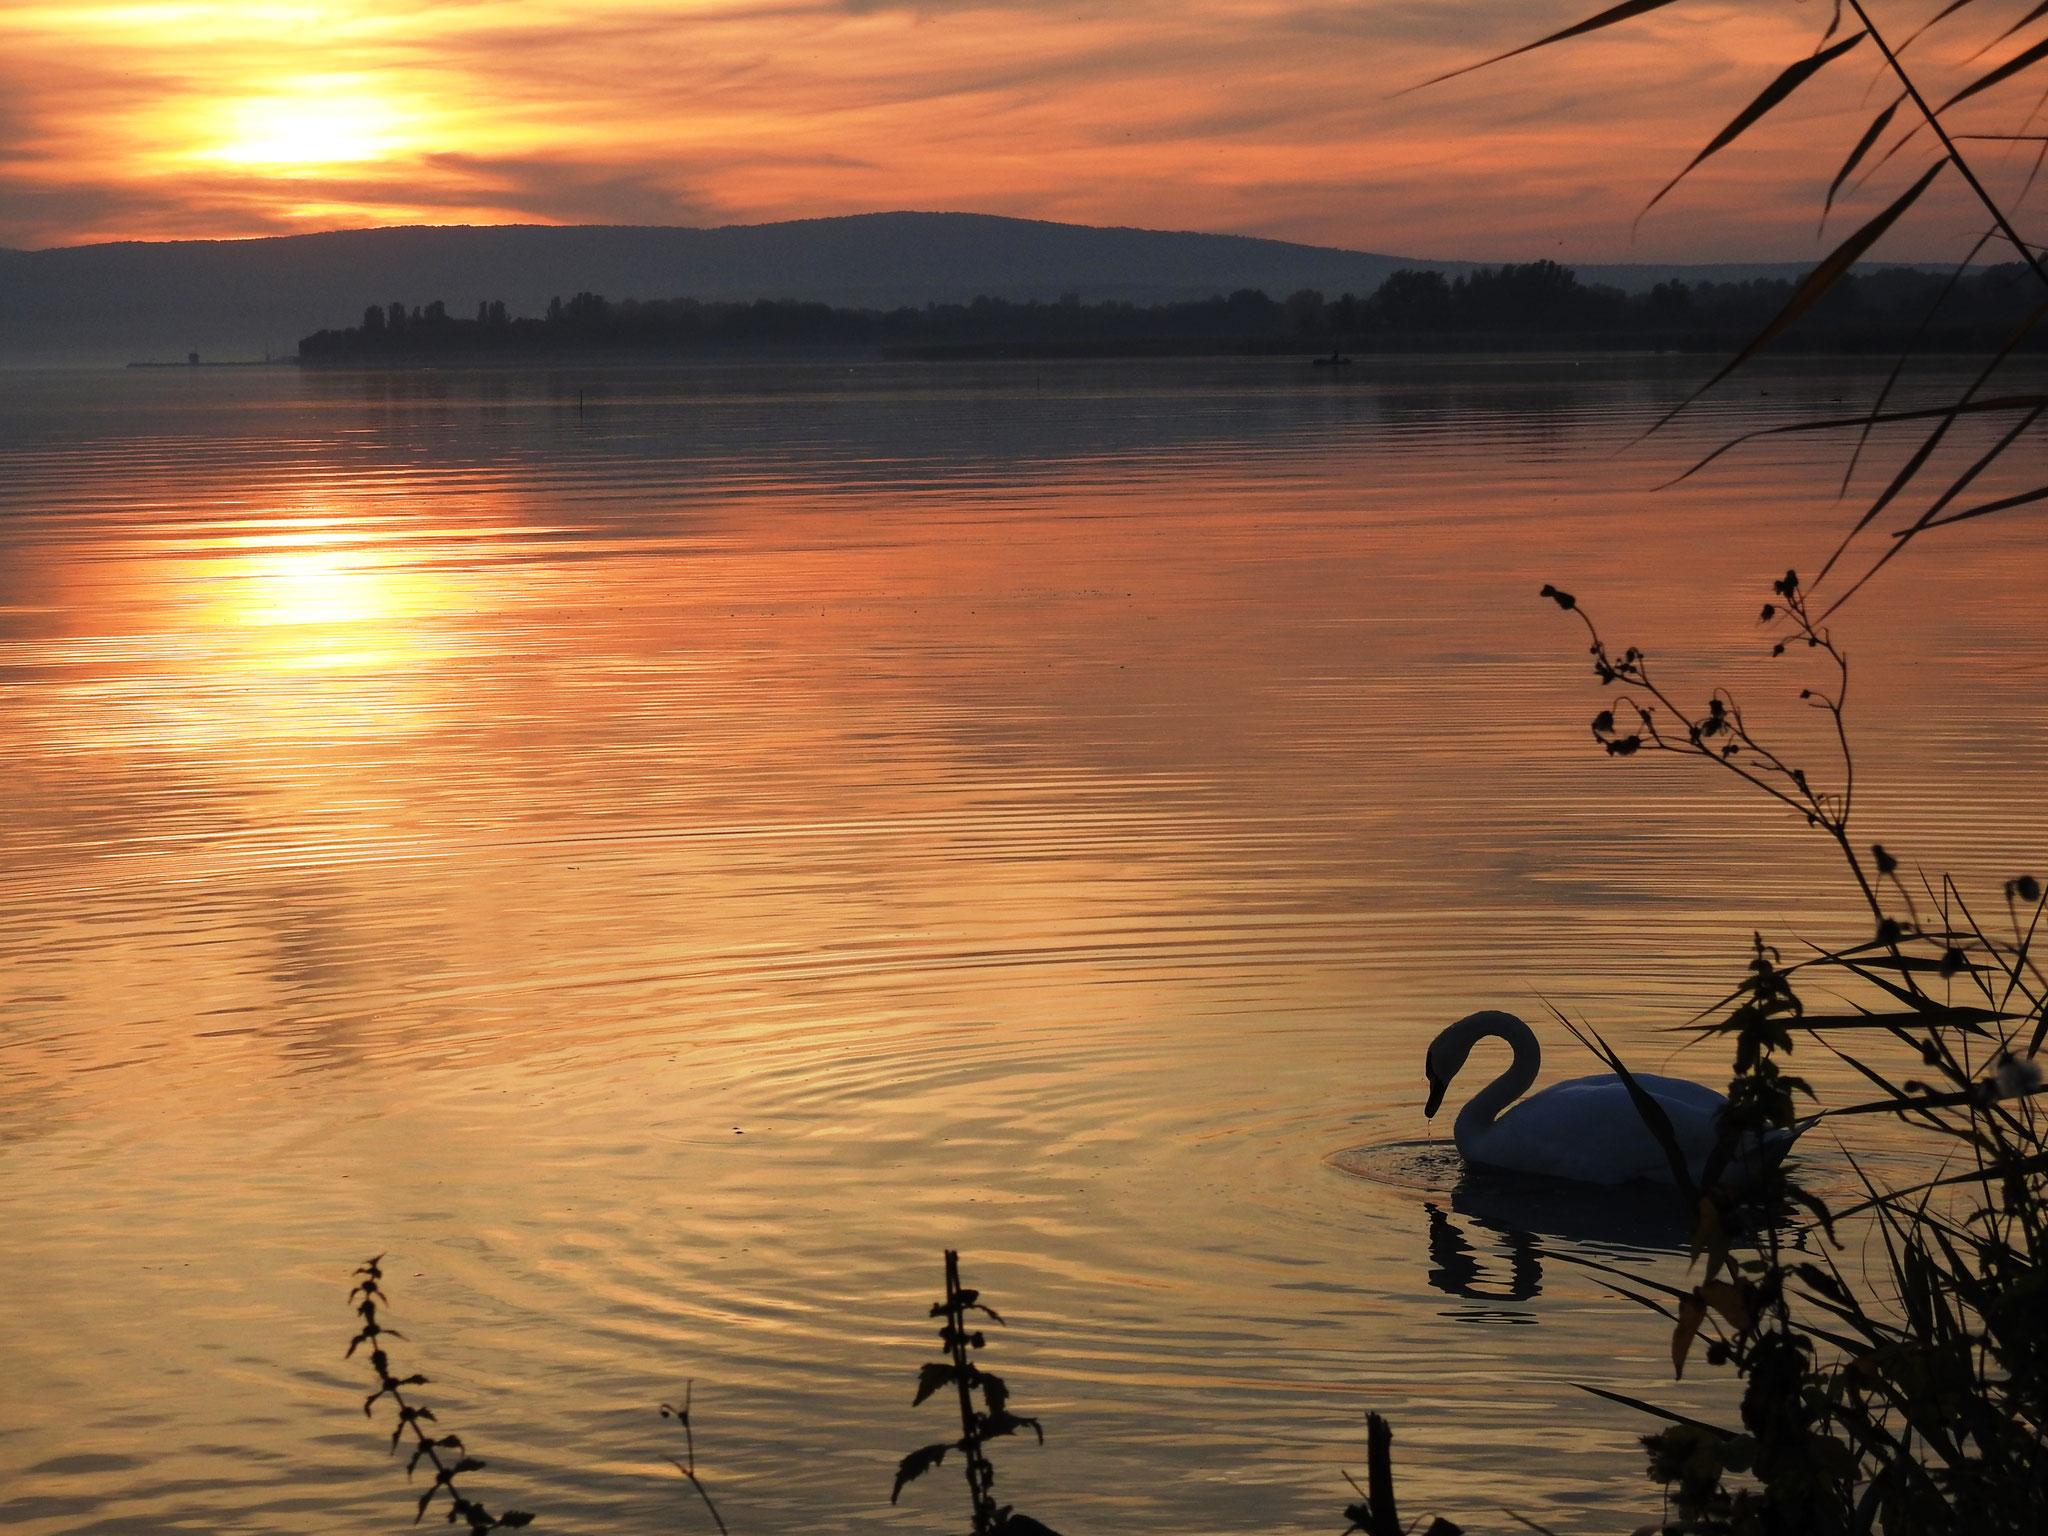 Romantische zonsondergang